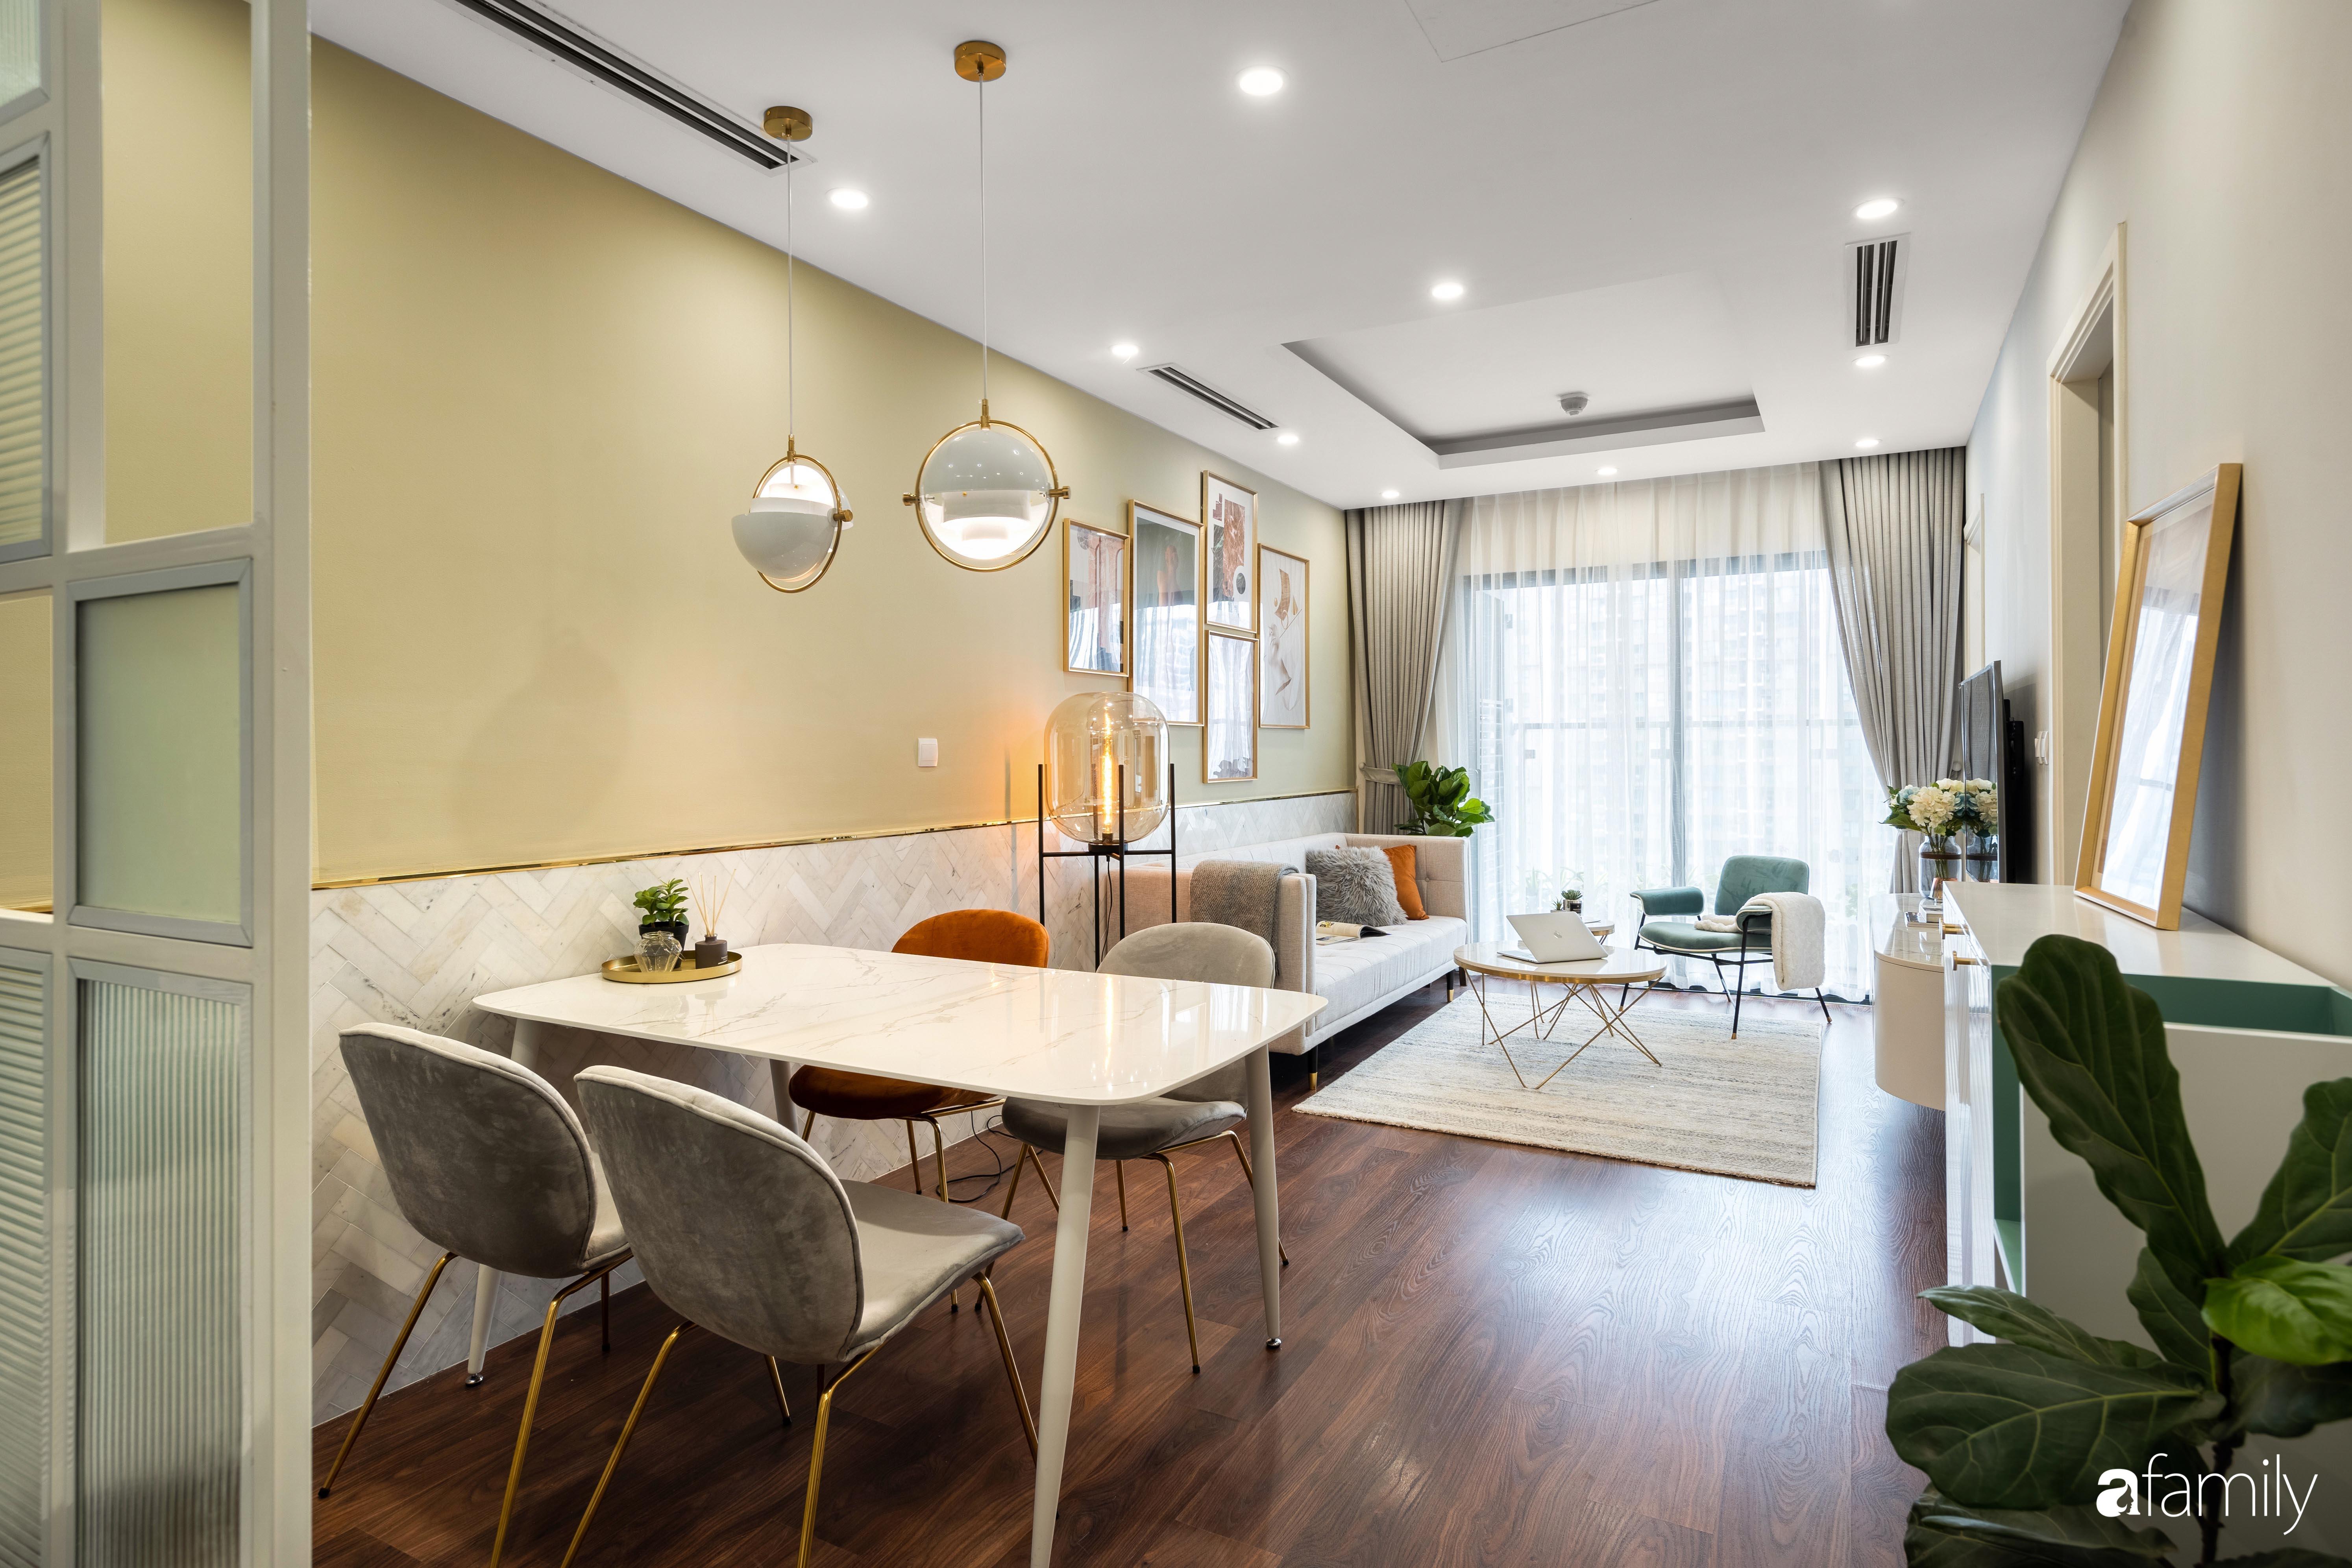 Căn hộ 63m² ngập tràn màu nắng với chi phí hoàn thiện 240 triệu đồng ở Thanh Xuân, Hà Nội - Ảnh 9.